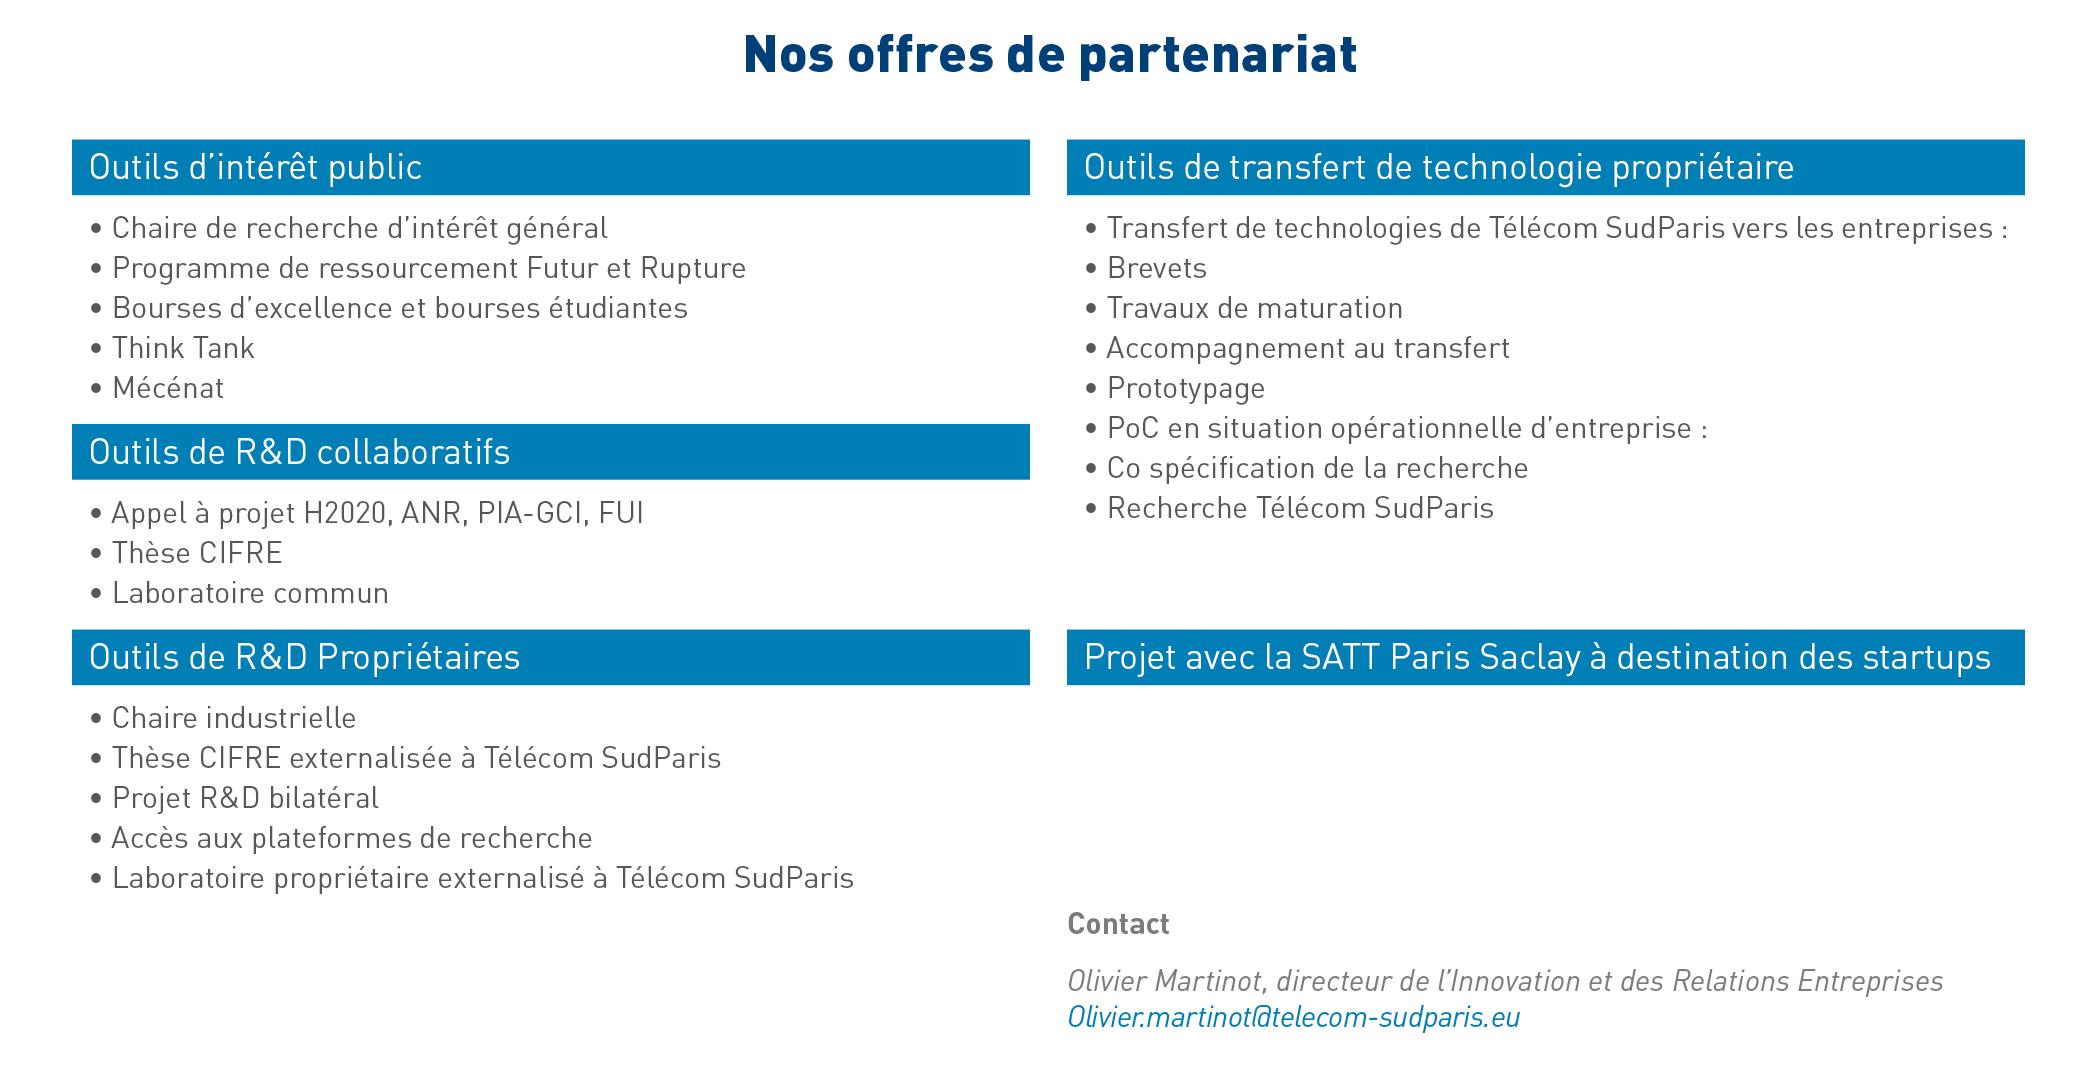 Tableau des offres de partenariat de Télécom SudParis